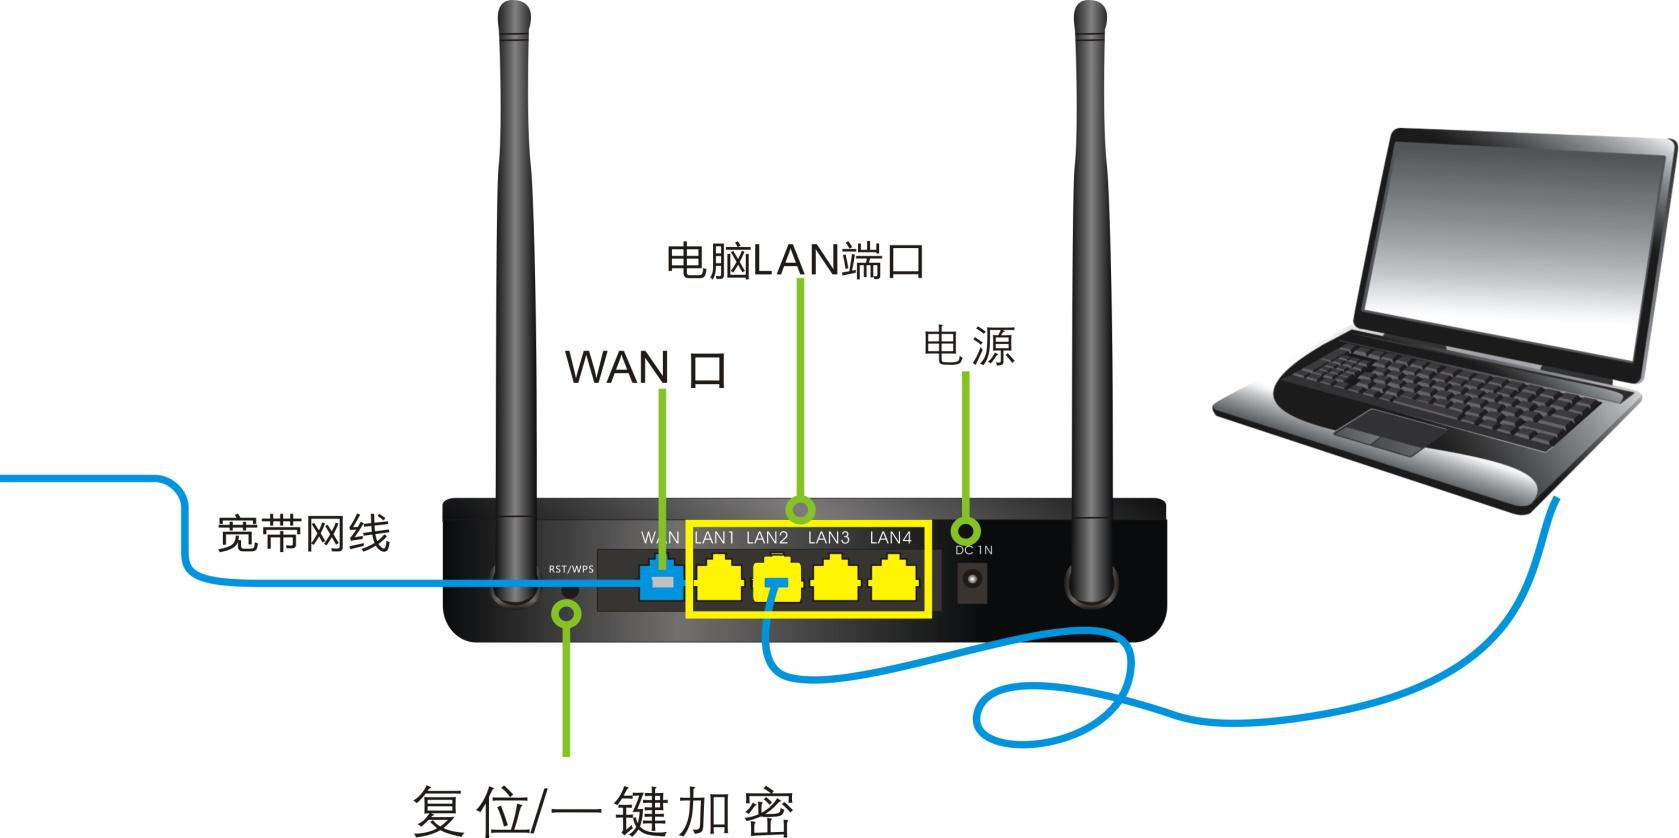 路由器连接上网